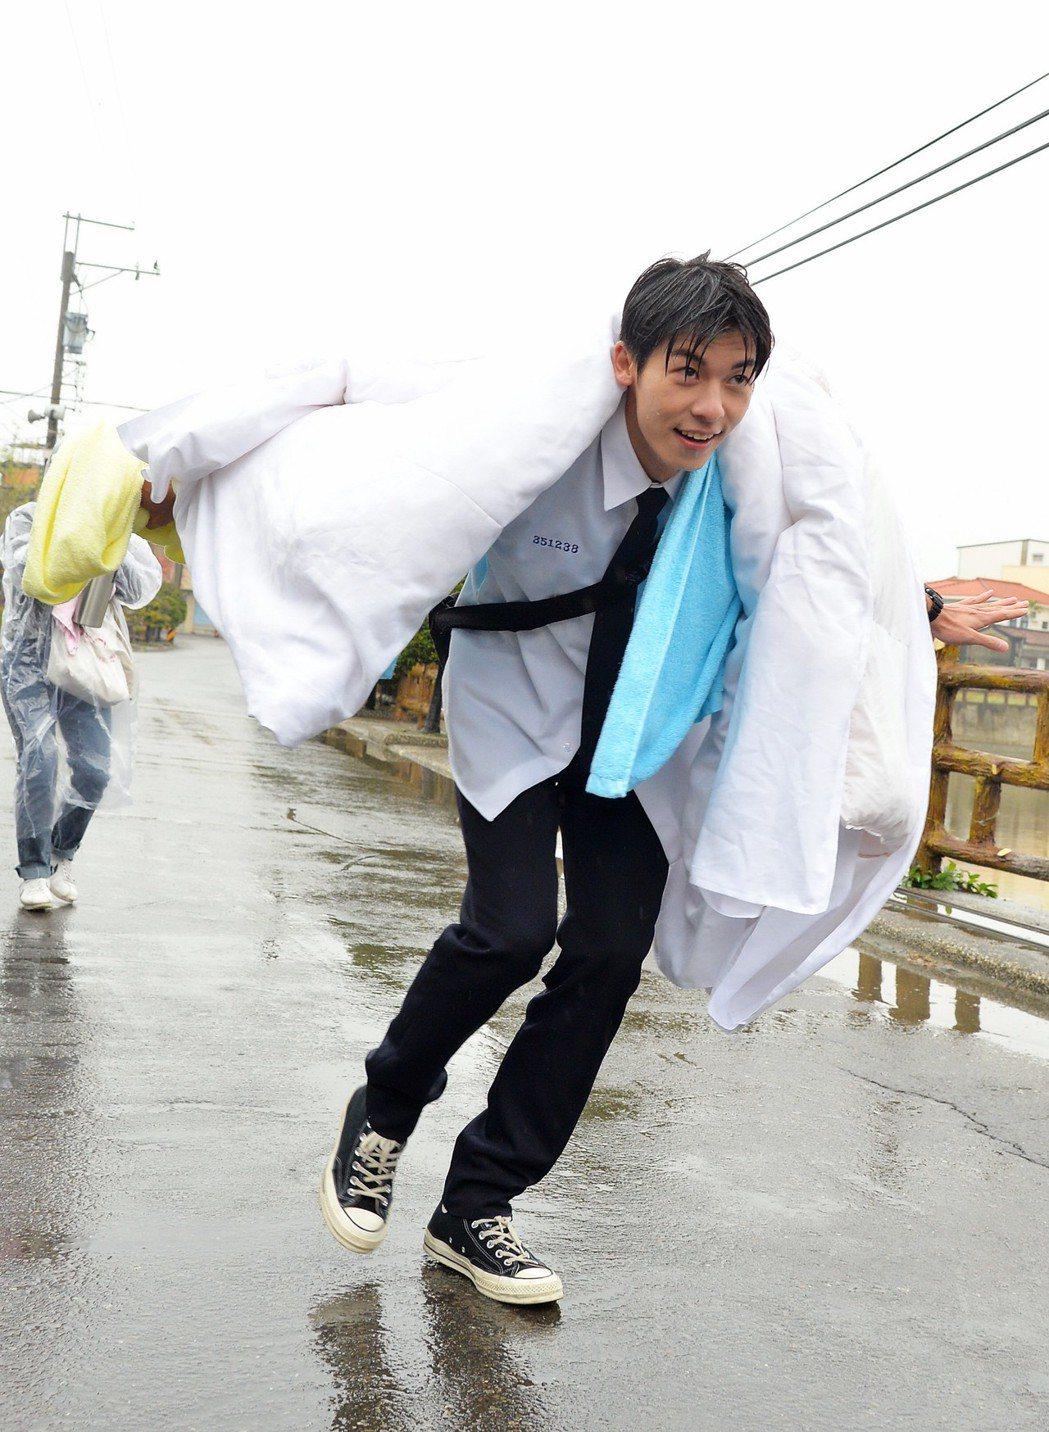 許光漢雨中作樂披棉被走秀  圖/福斯提供